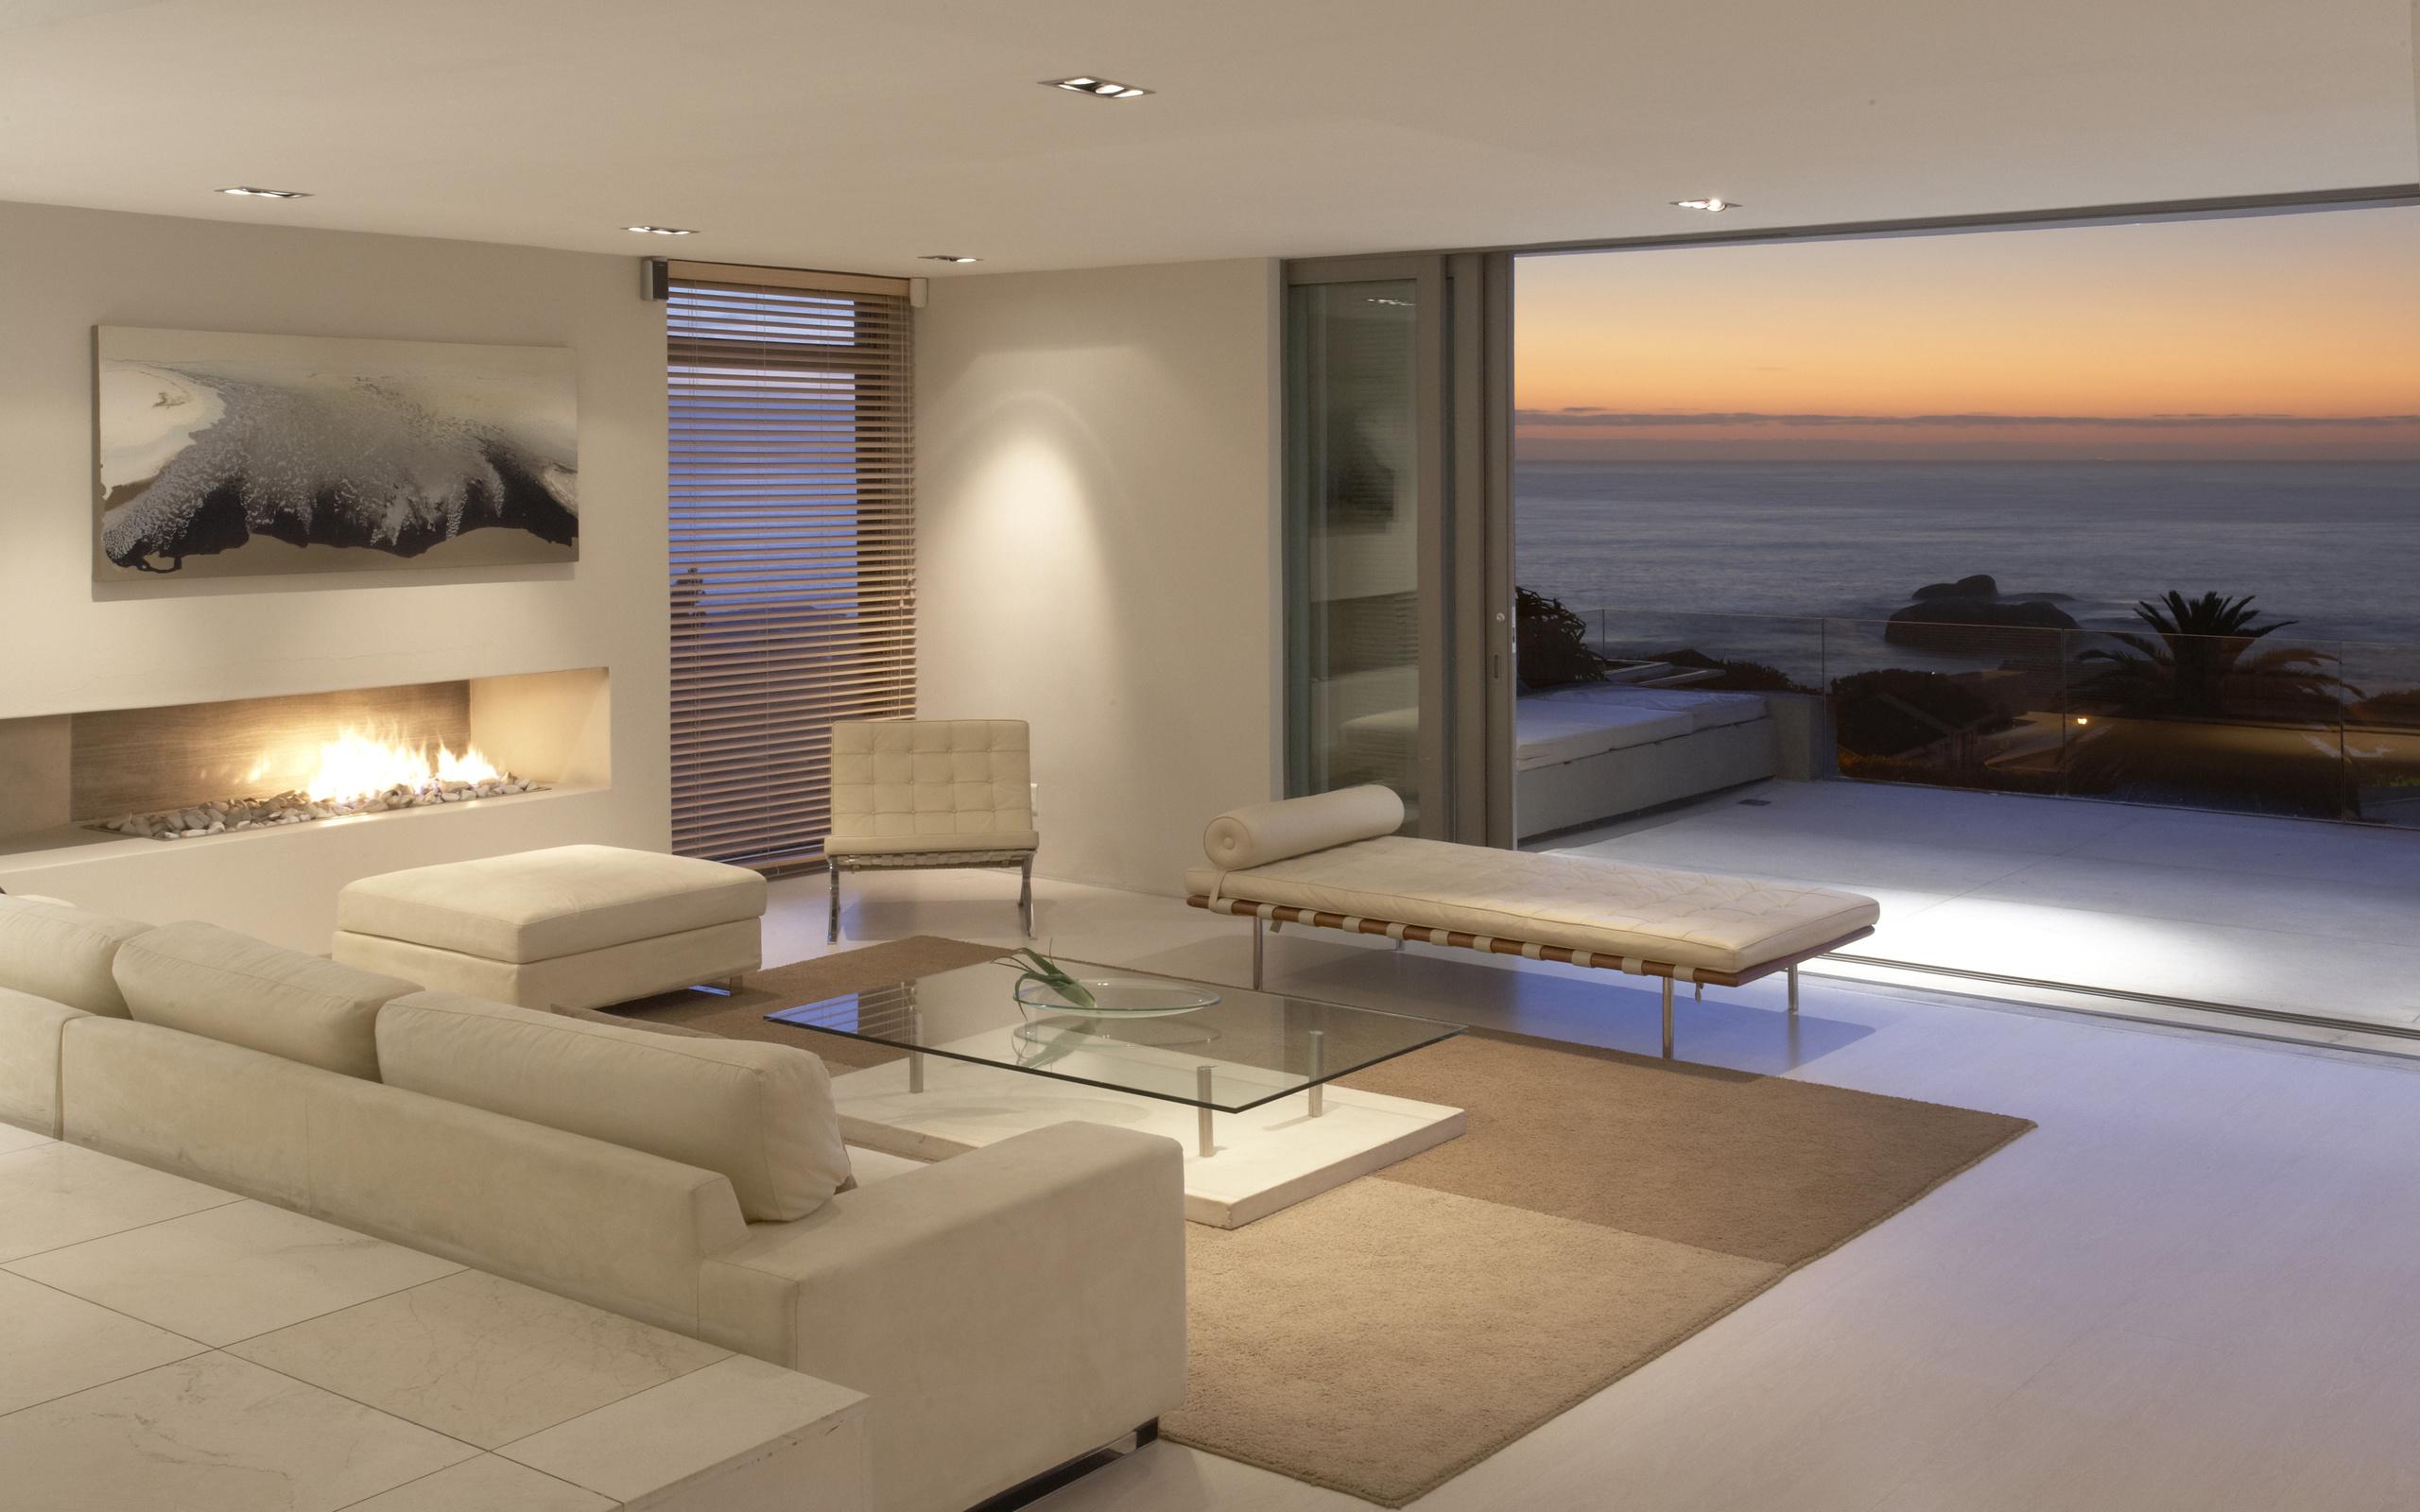 Дизайн квартиры картинки фото